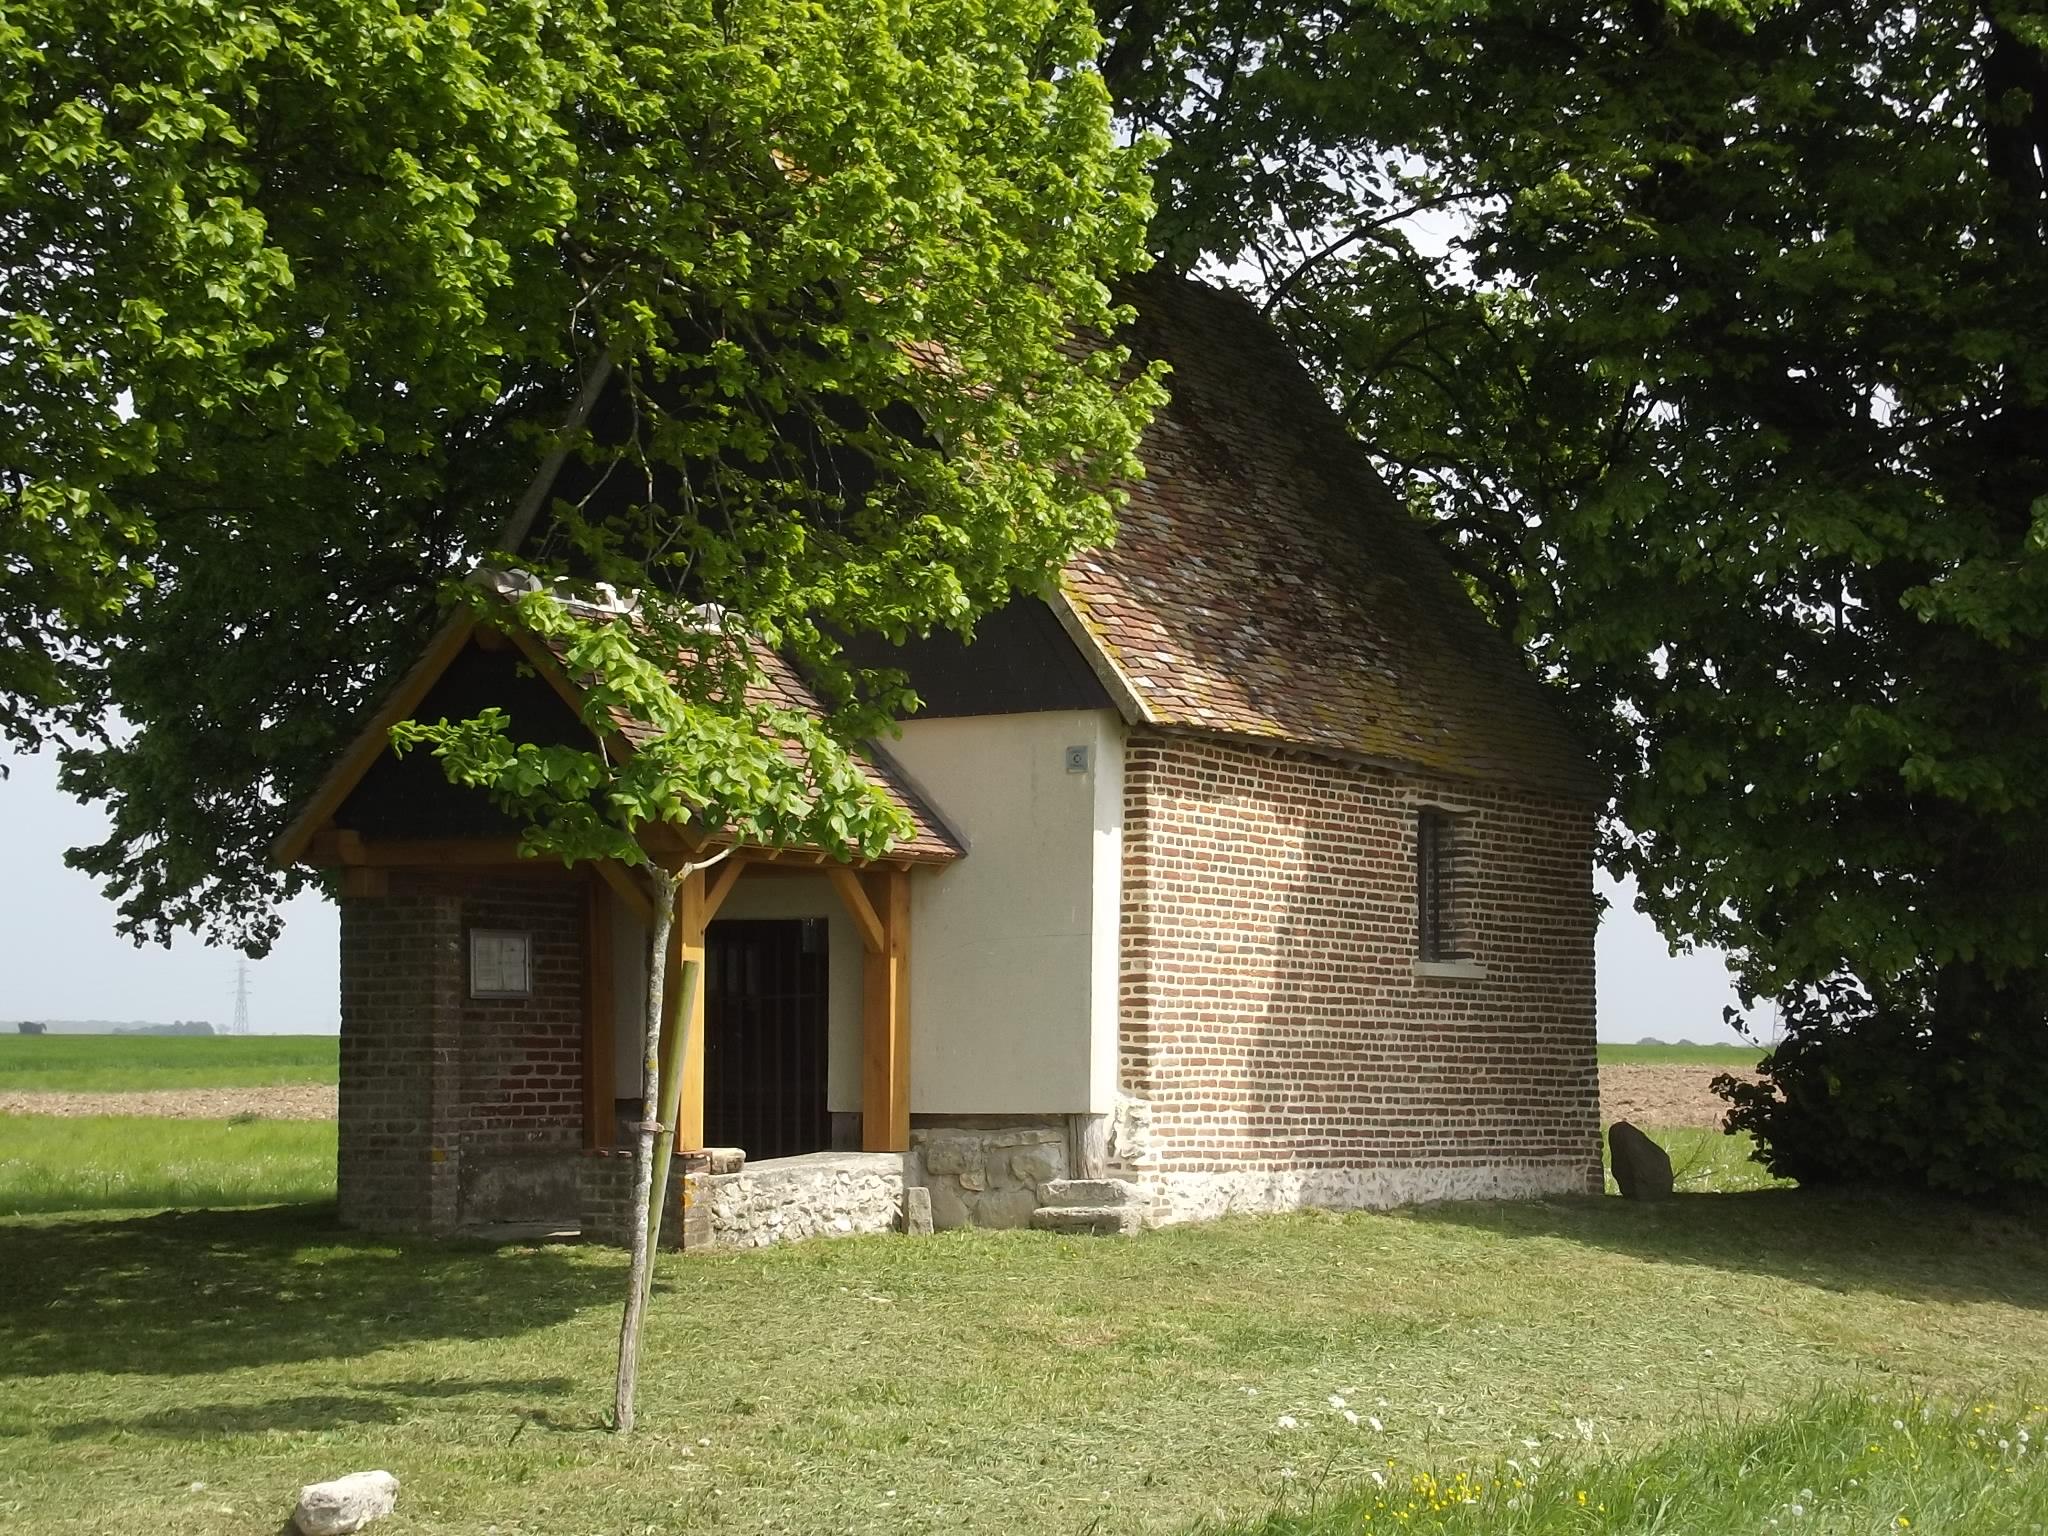 Chapelle de la Chaire à Loup Jouy-sous-Thelle